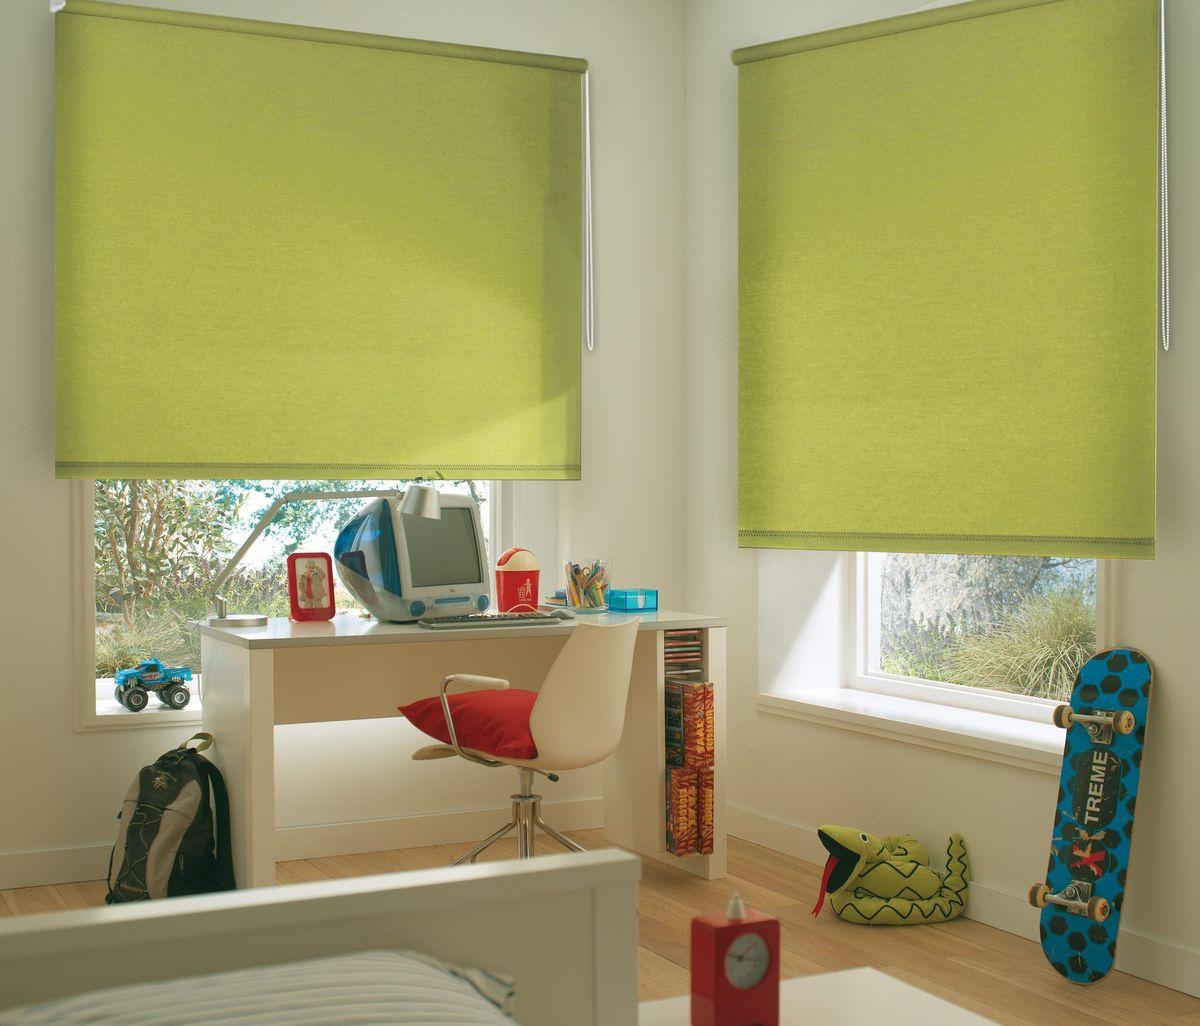 Штора рулонная Эскар, цвет: салатовый, ширина 160 см, высота 170 см81014160170Рулонными шторами можно оформлять окна как самостоятельно, так и использовать в комбинации с портьерами. Это поможет предотвратить выгорание дорогой ткани на солнце и соединит функционал рулонных с красотой навесных. Преимущества применения рулонных штор для пластиковых окон: - имеют прекрасный внешний вид: многообразие и фактурность материала изделия отлично смотрятся в любом интерьере; - многофункциональны: есть возможность подобрать шторы способные эффективно защитить комнату от солнца, при этом о на не будет слишком темной. - Есть возможность осуществить быстрый монтаж. ВНИМАНИЕ! Размеры ширины изделия указаны по ширине ткани! Во время эксплуатации не рекомендуется полностью разматывать рулон, чтобы не оторвать ткань от намоточного вала. В случае загрязнения поверхности ткани, чистку шторы проводят одним из способов, в зависимости от типа загрязнения: легкое поверхностное загрязнение можно удалить при помощи...